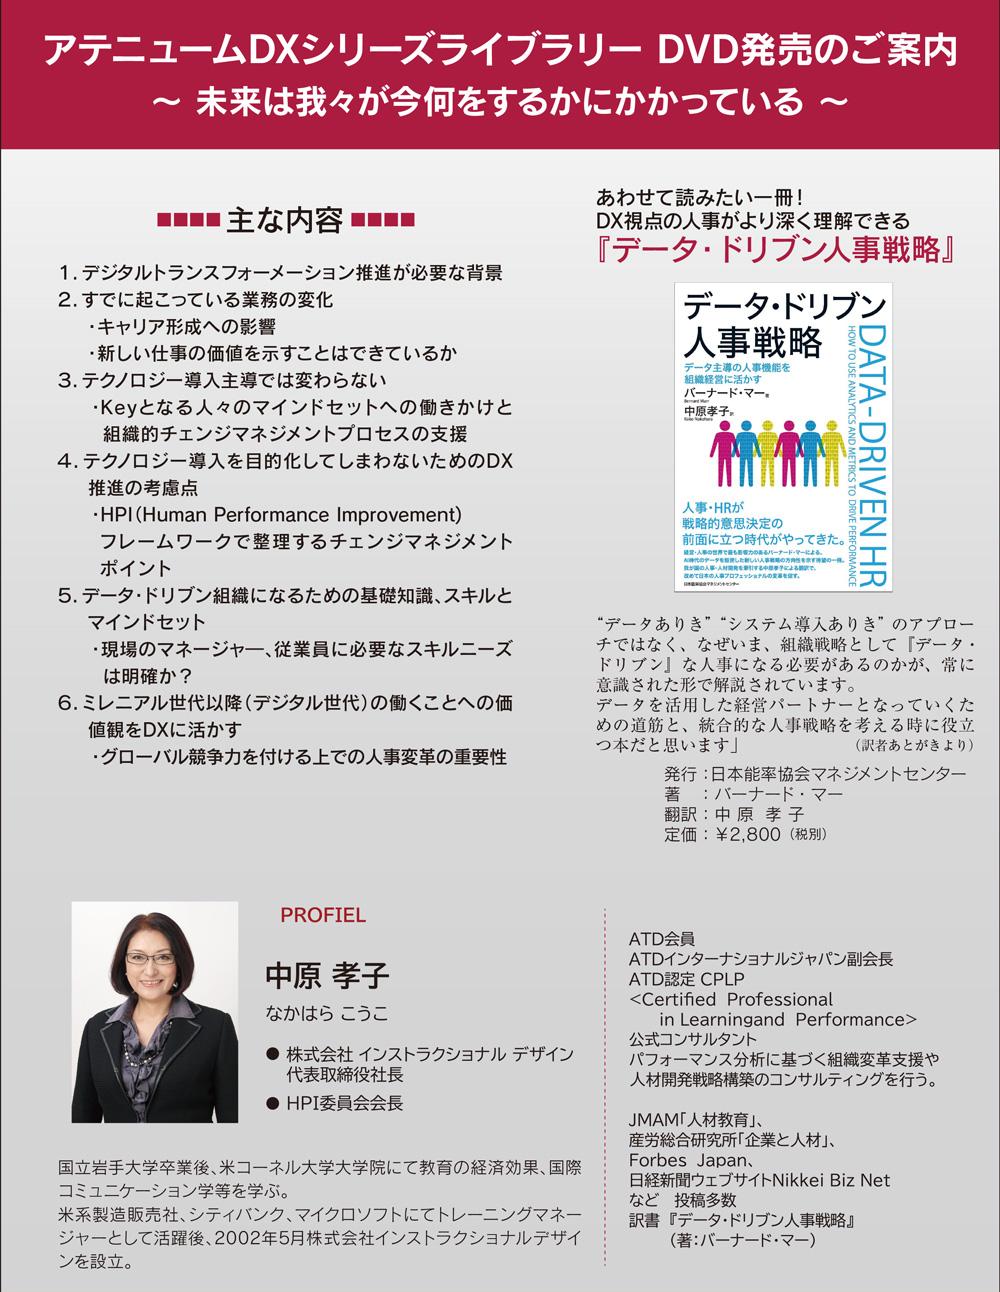 DX_DVD2 3